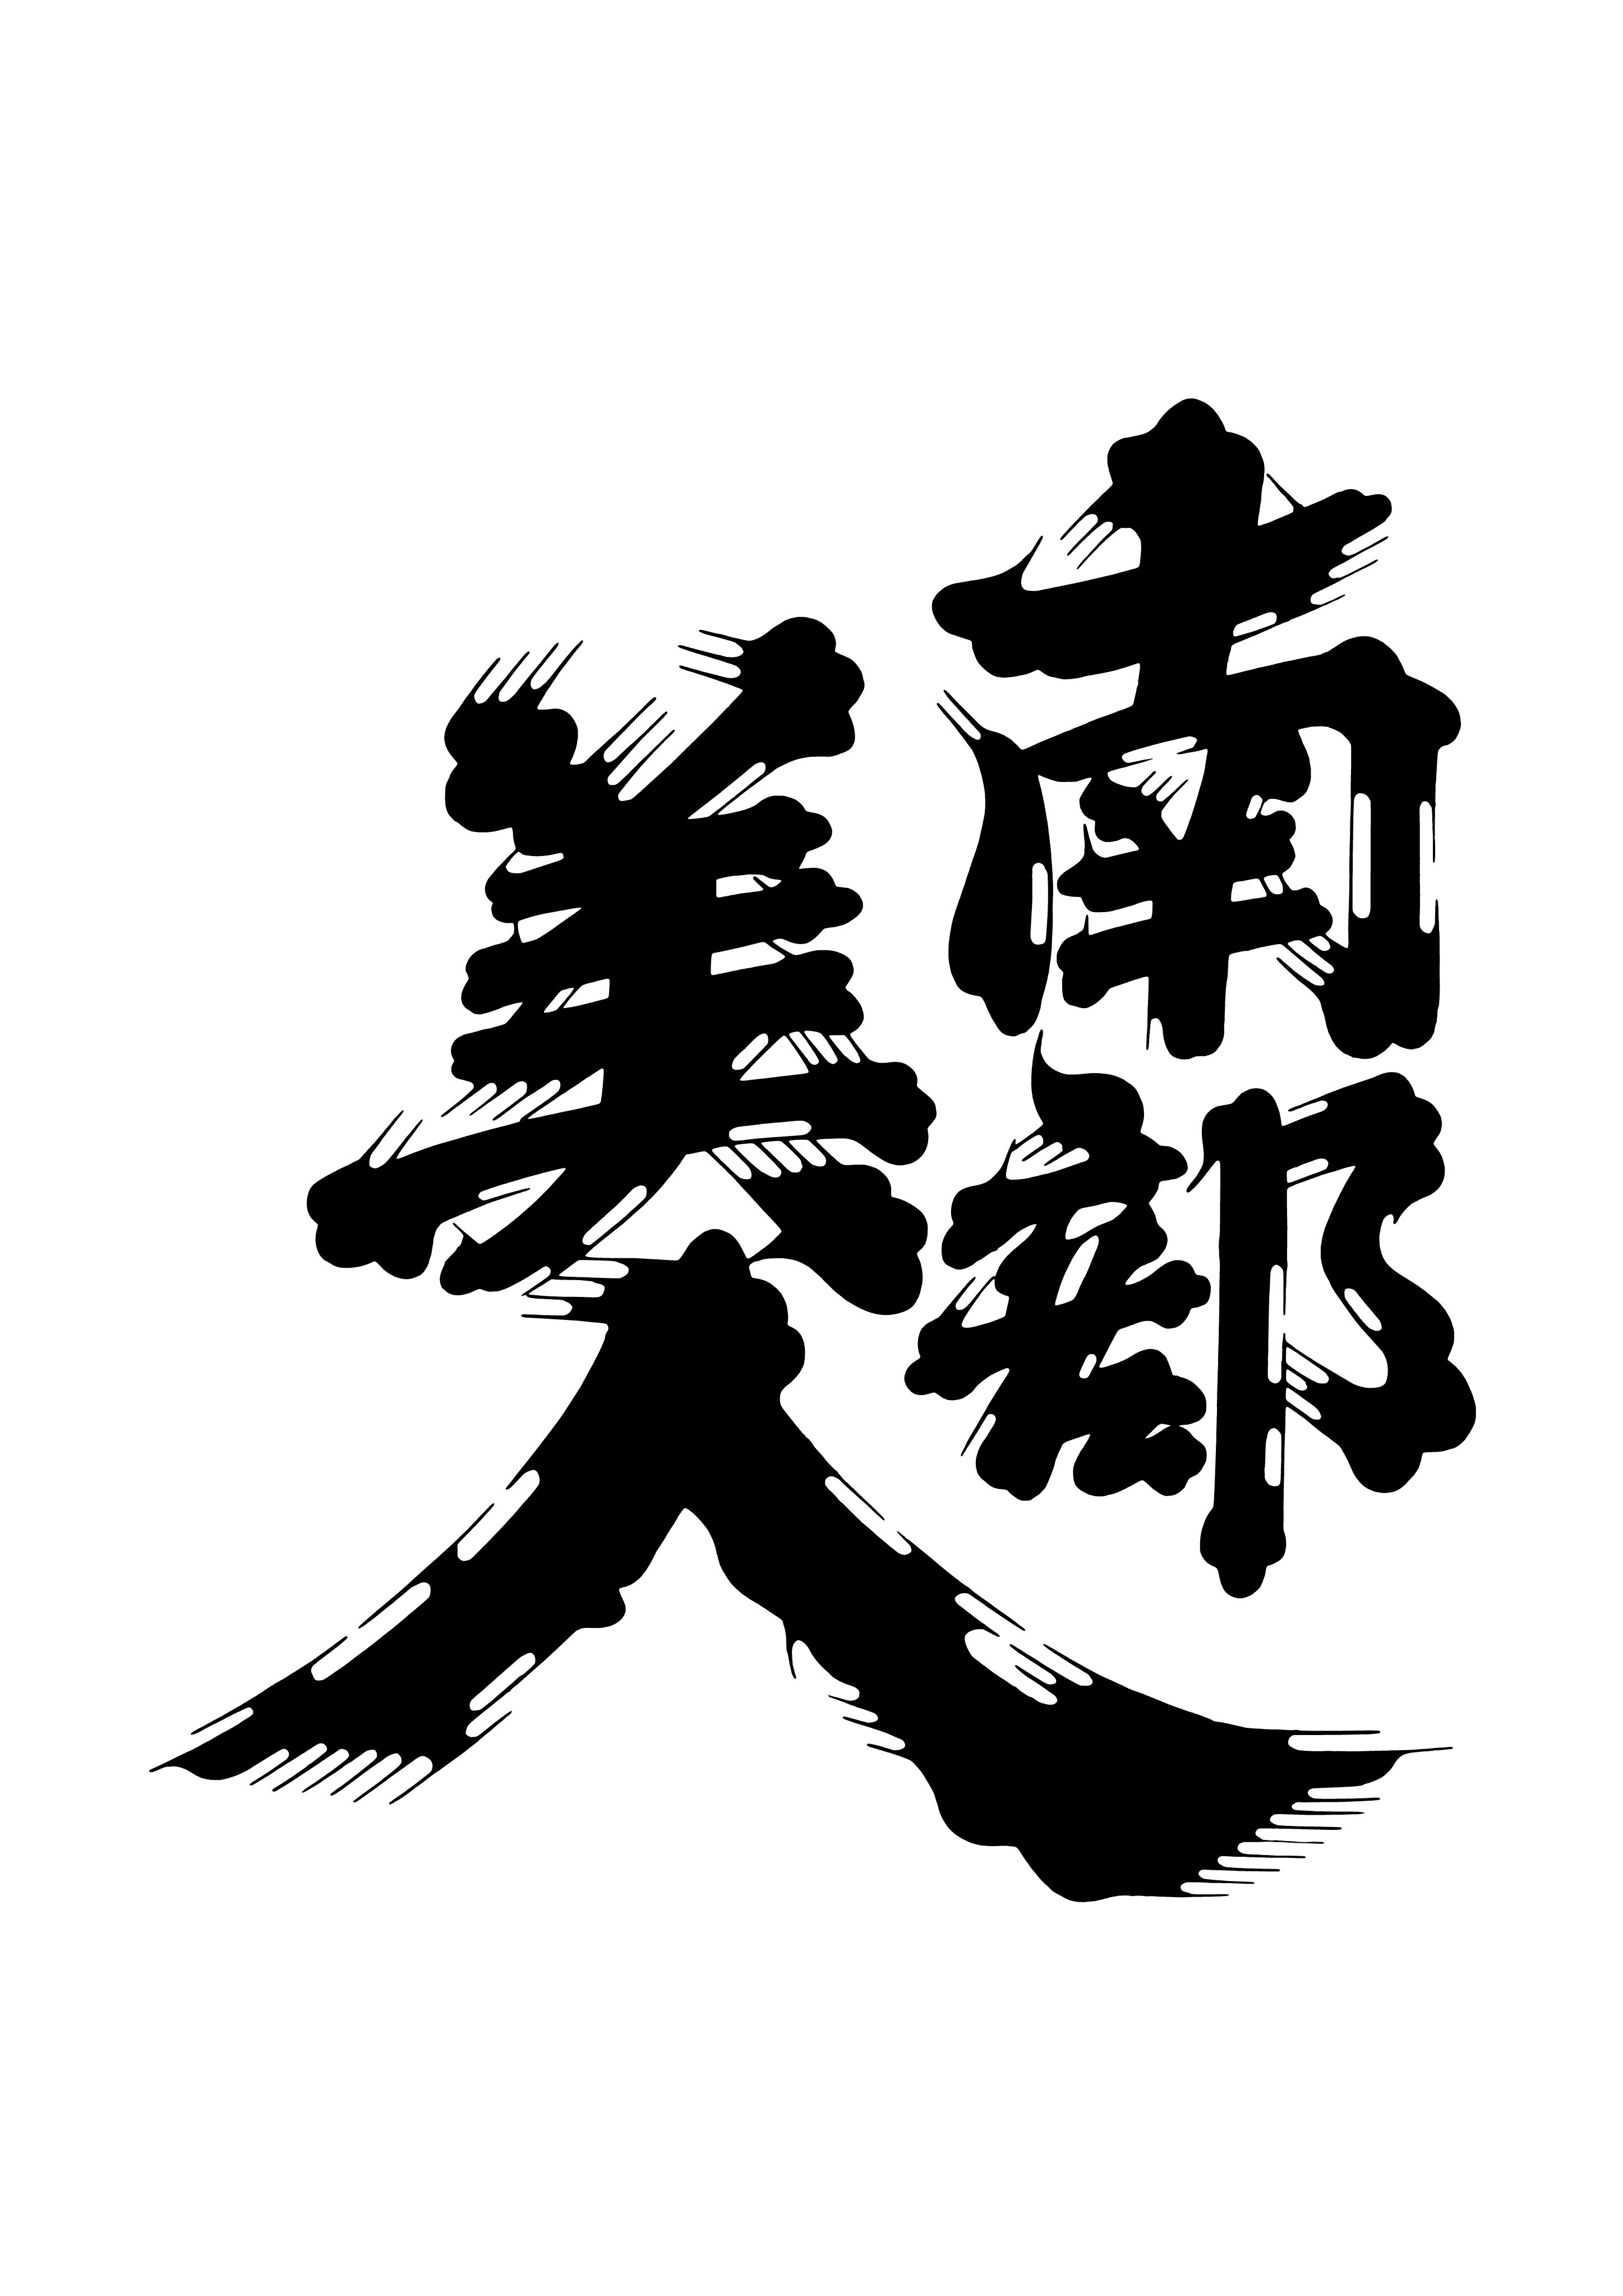 南部美人ロゴ[黒背景・白文字]